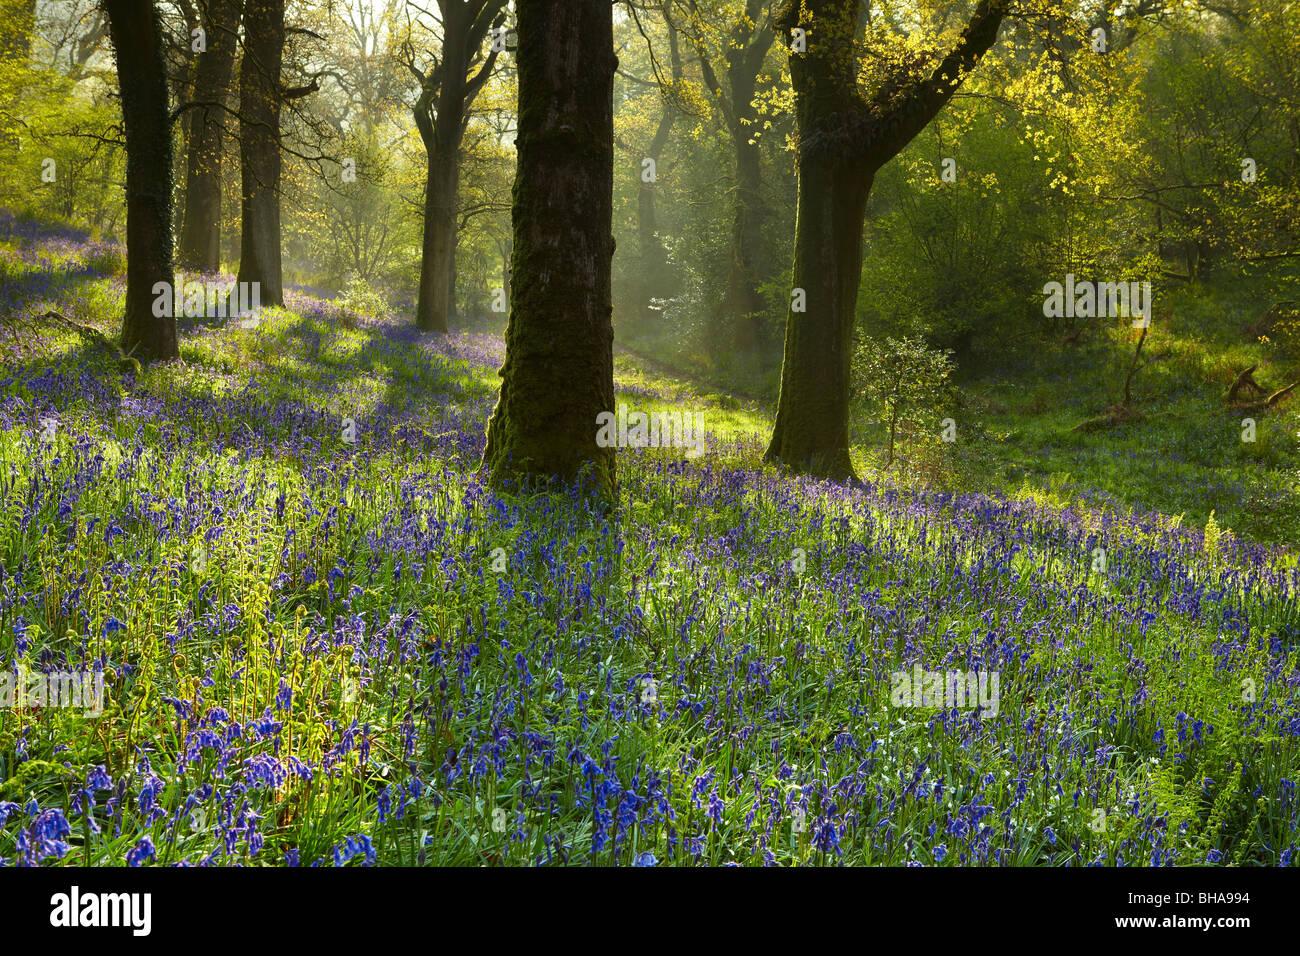 Jacinthes dans les bois à Batcombe, Dorset, England, UK Photo Stock